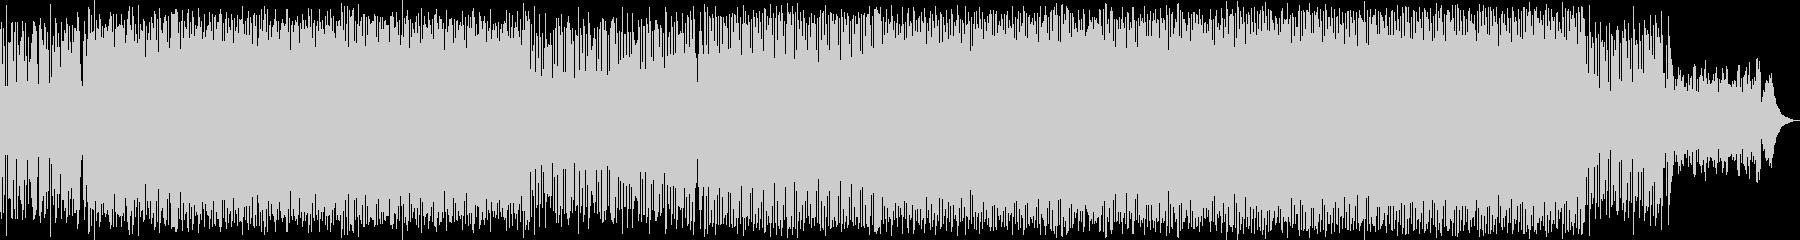 ハッピーなシンセポップハウス系サウンドの未再生の波形